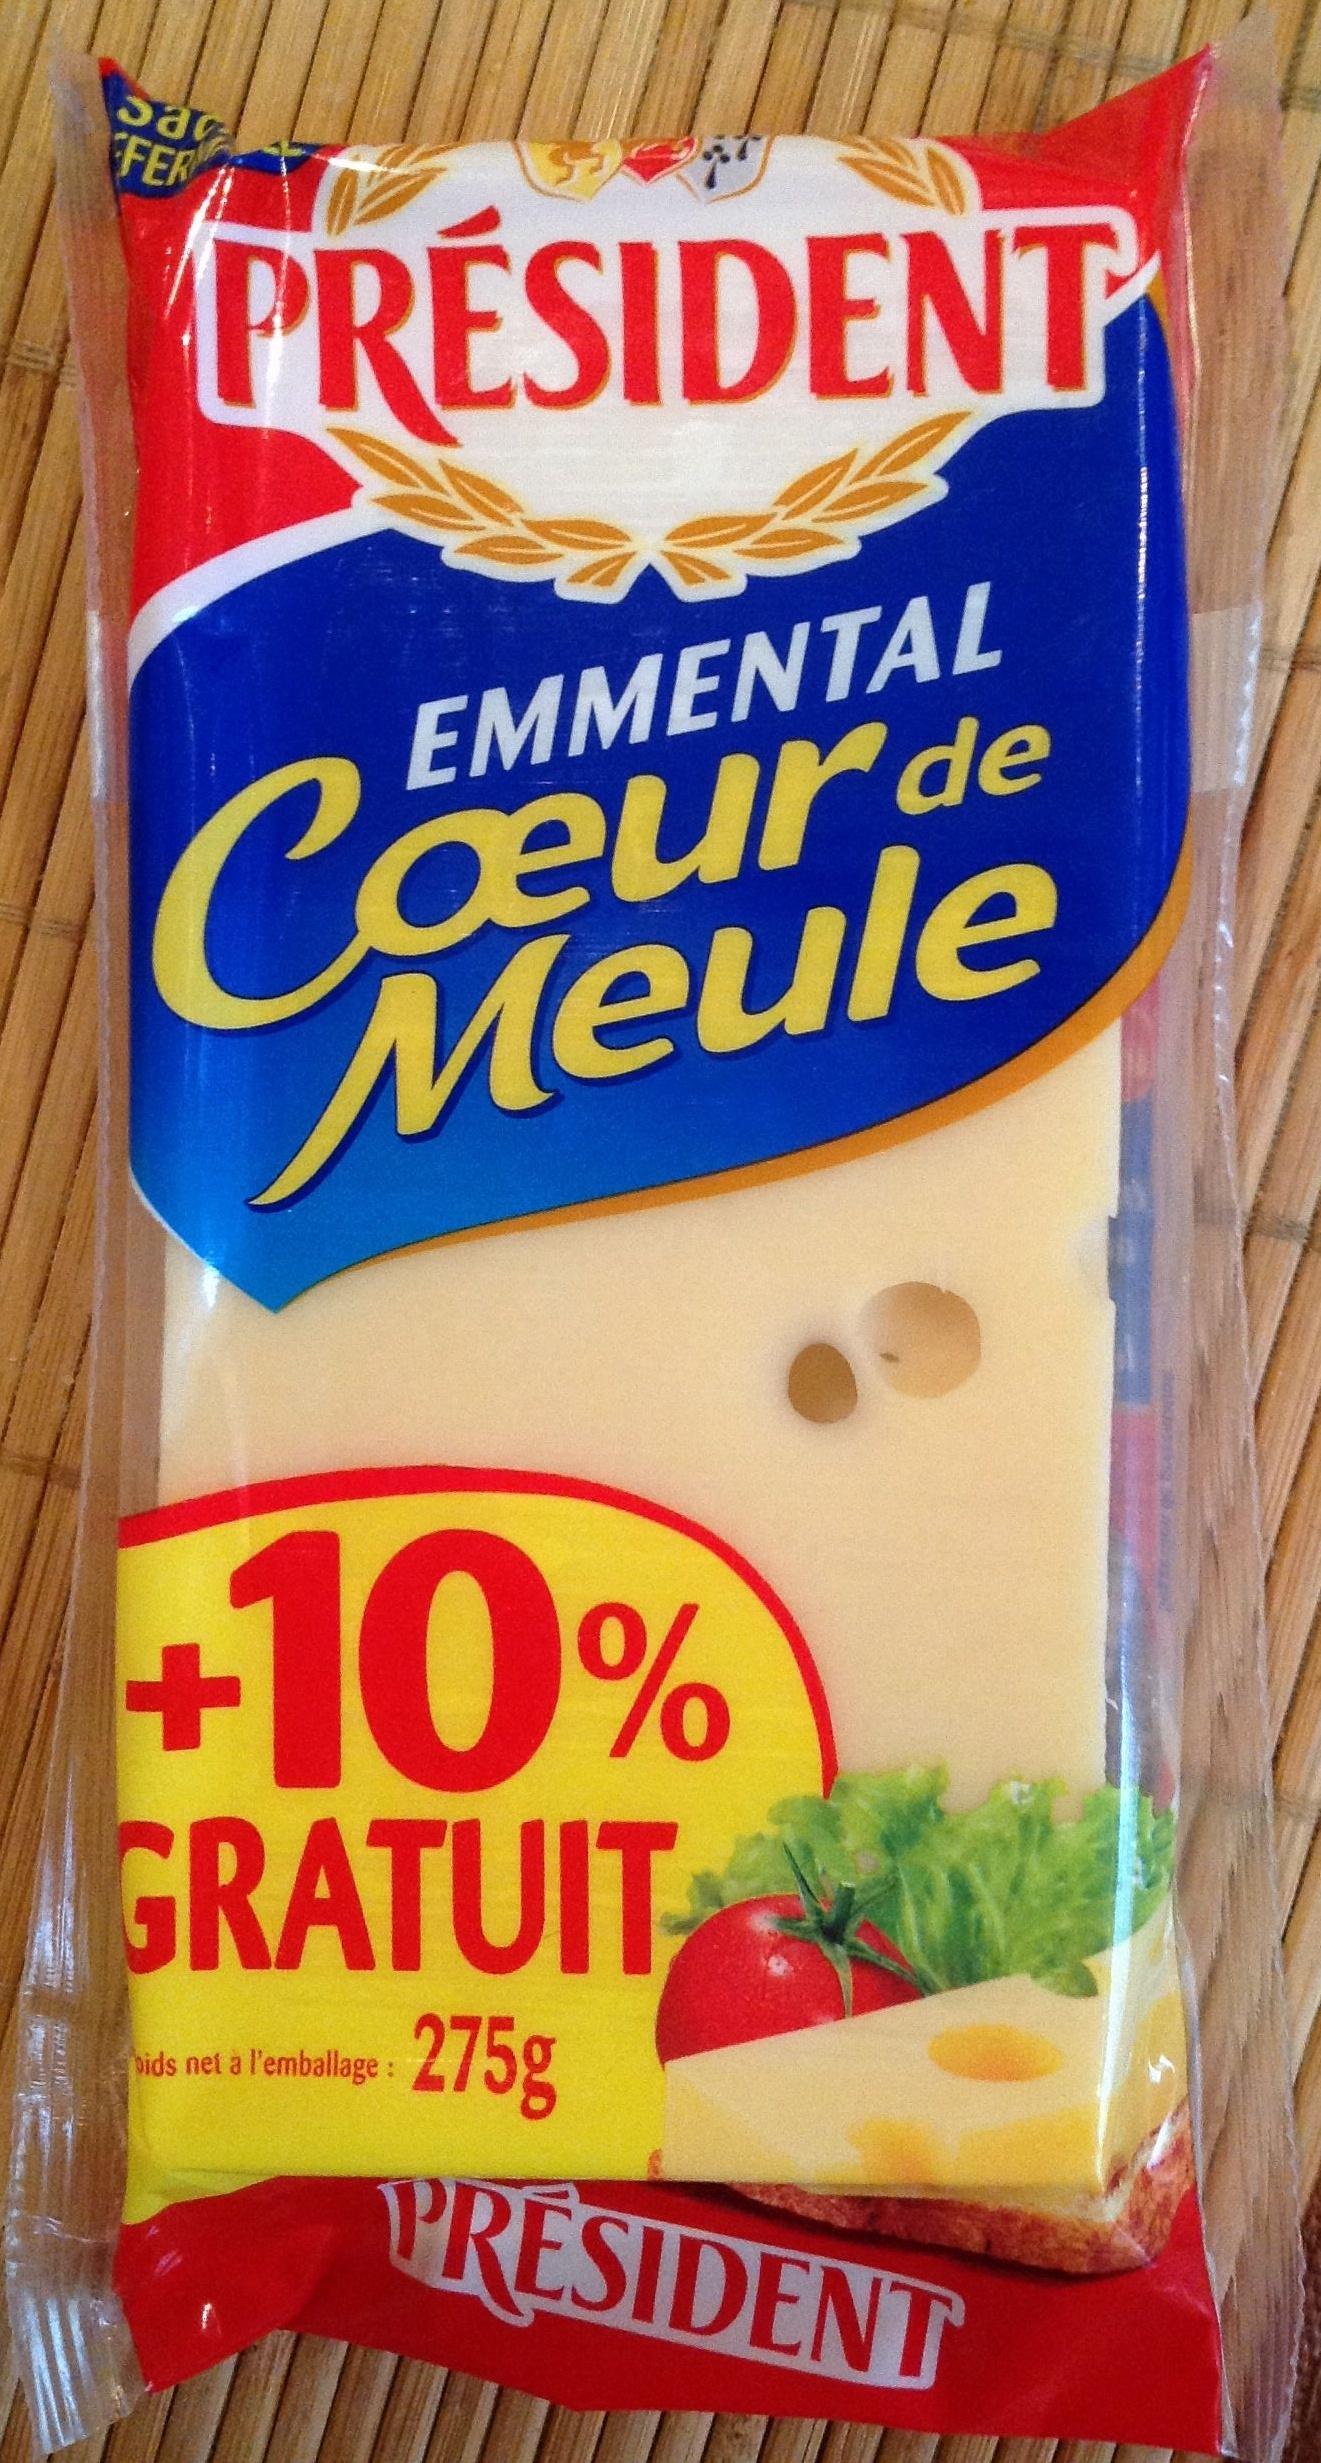 Emmental Coeur de Meule (28 % MG) + 10 % Gratuit - Produit - fr